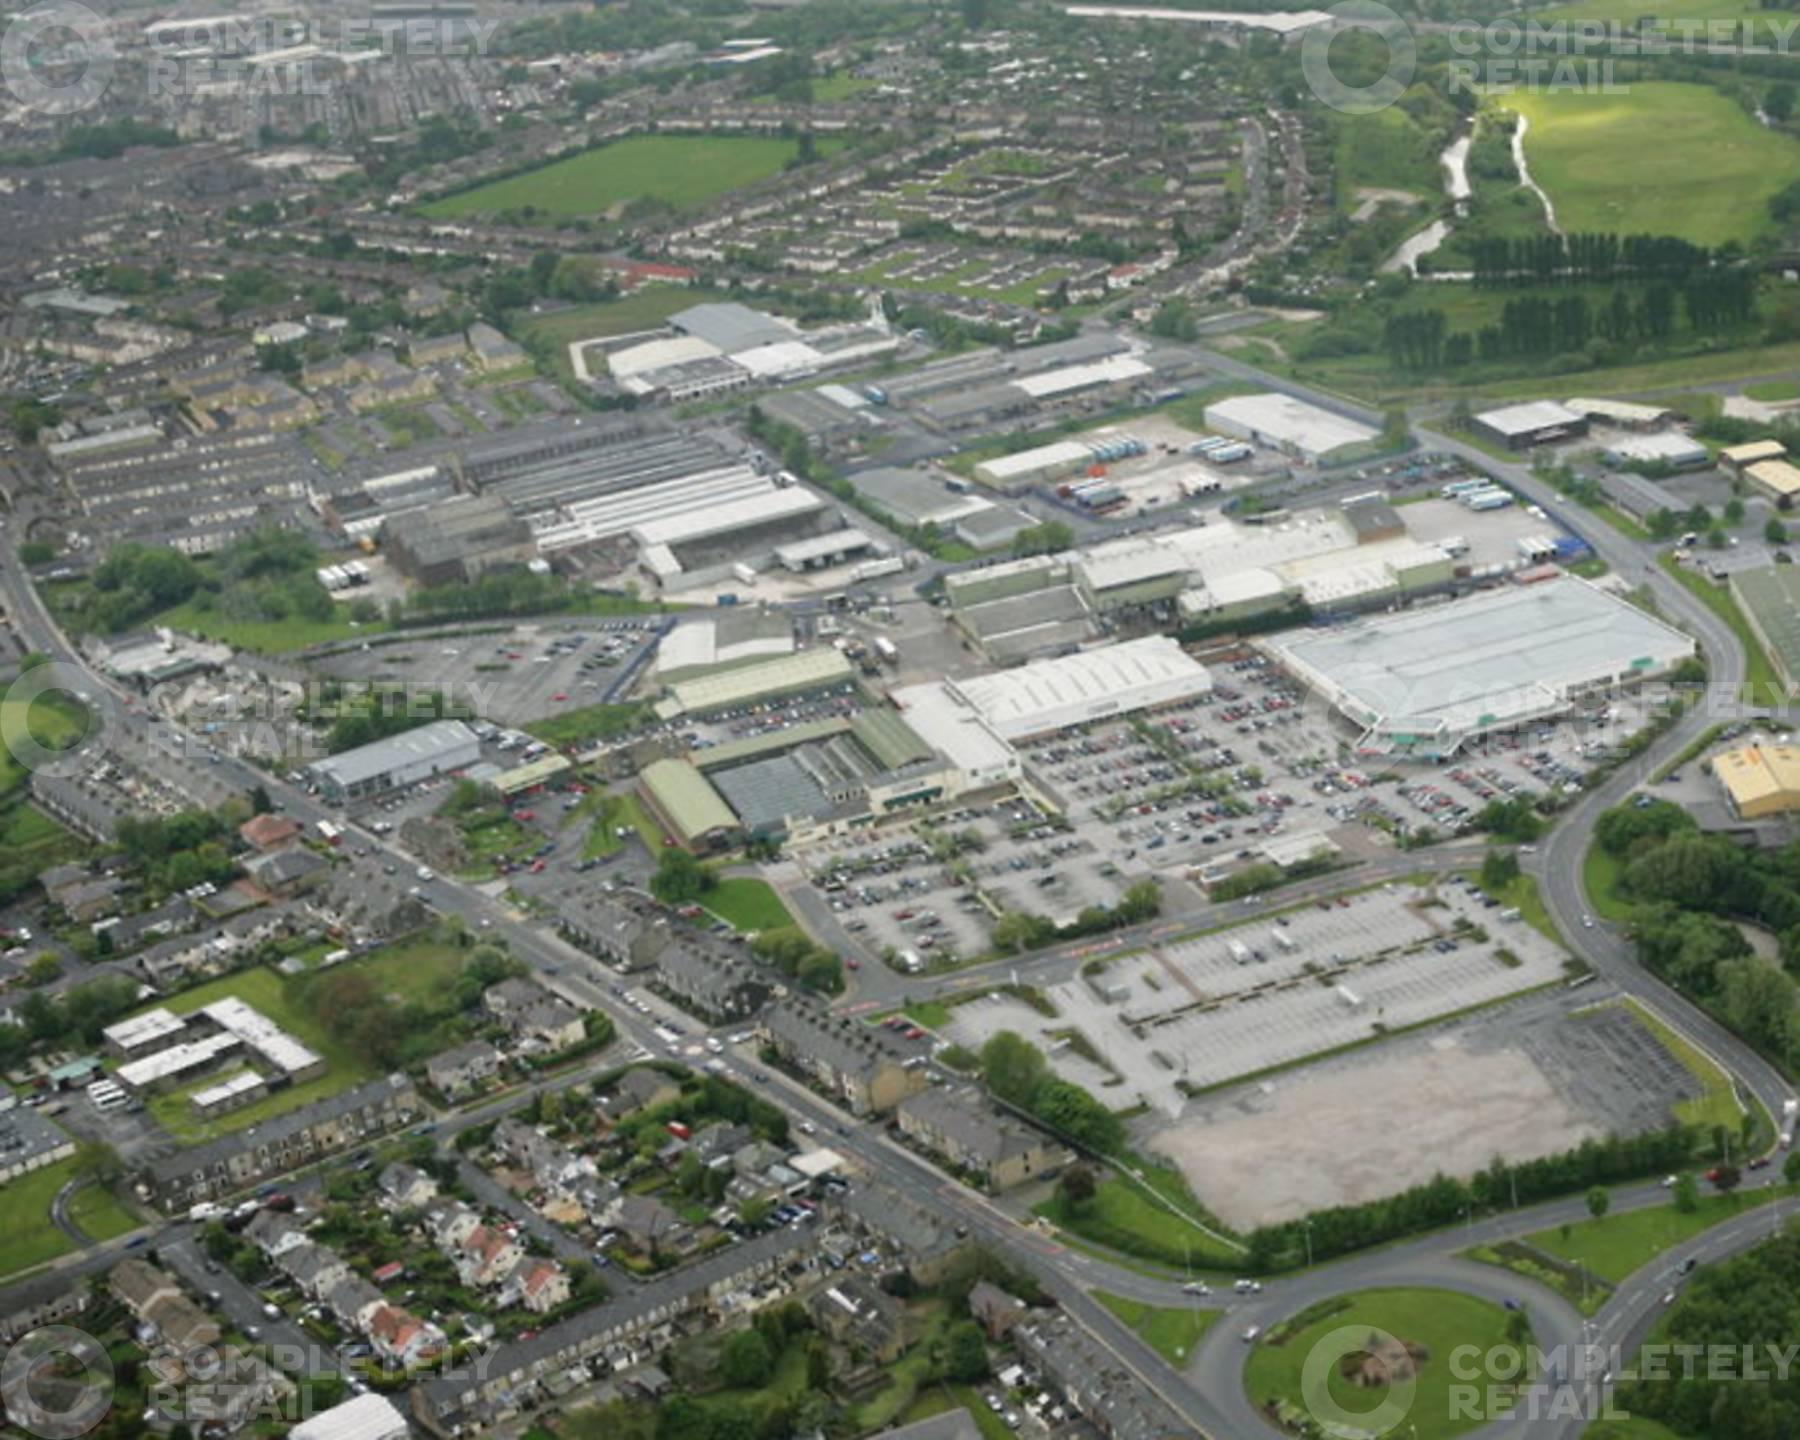 Boundary Retail Park